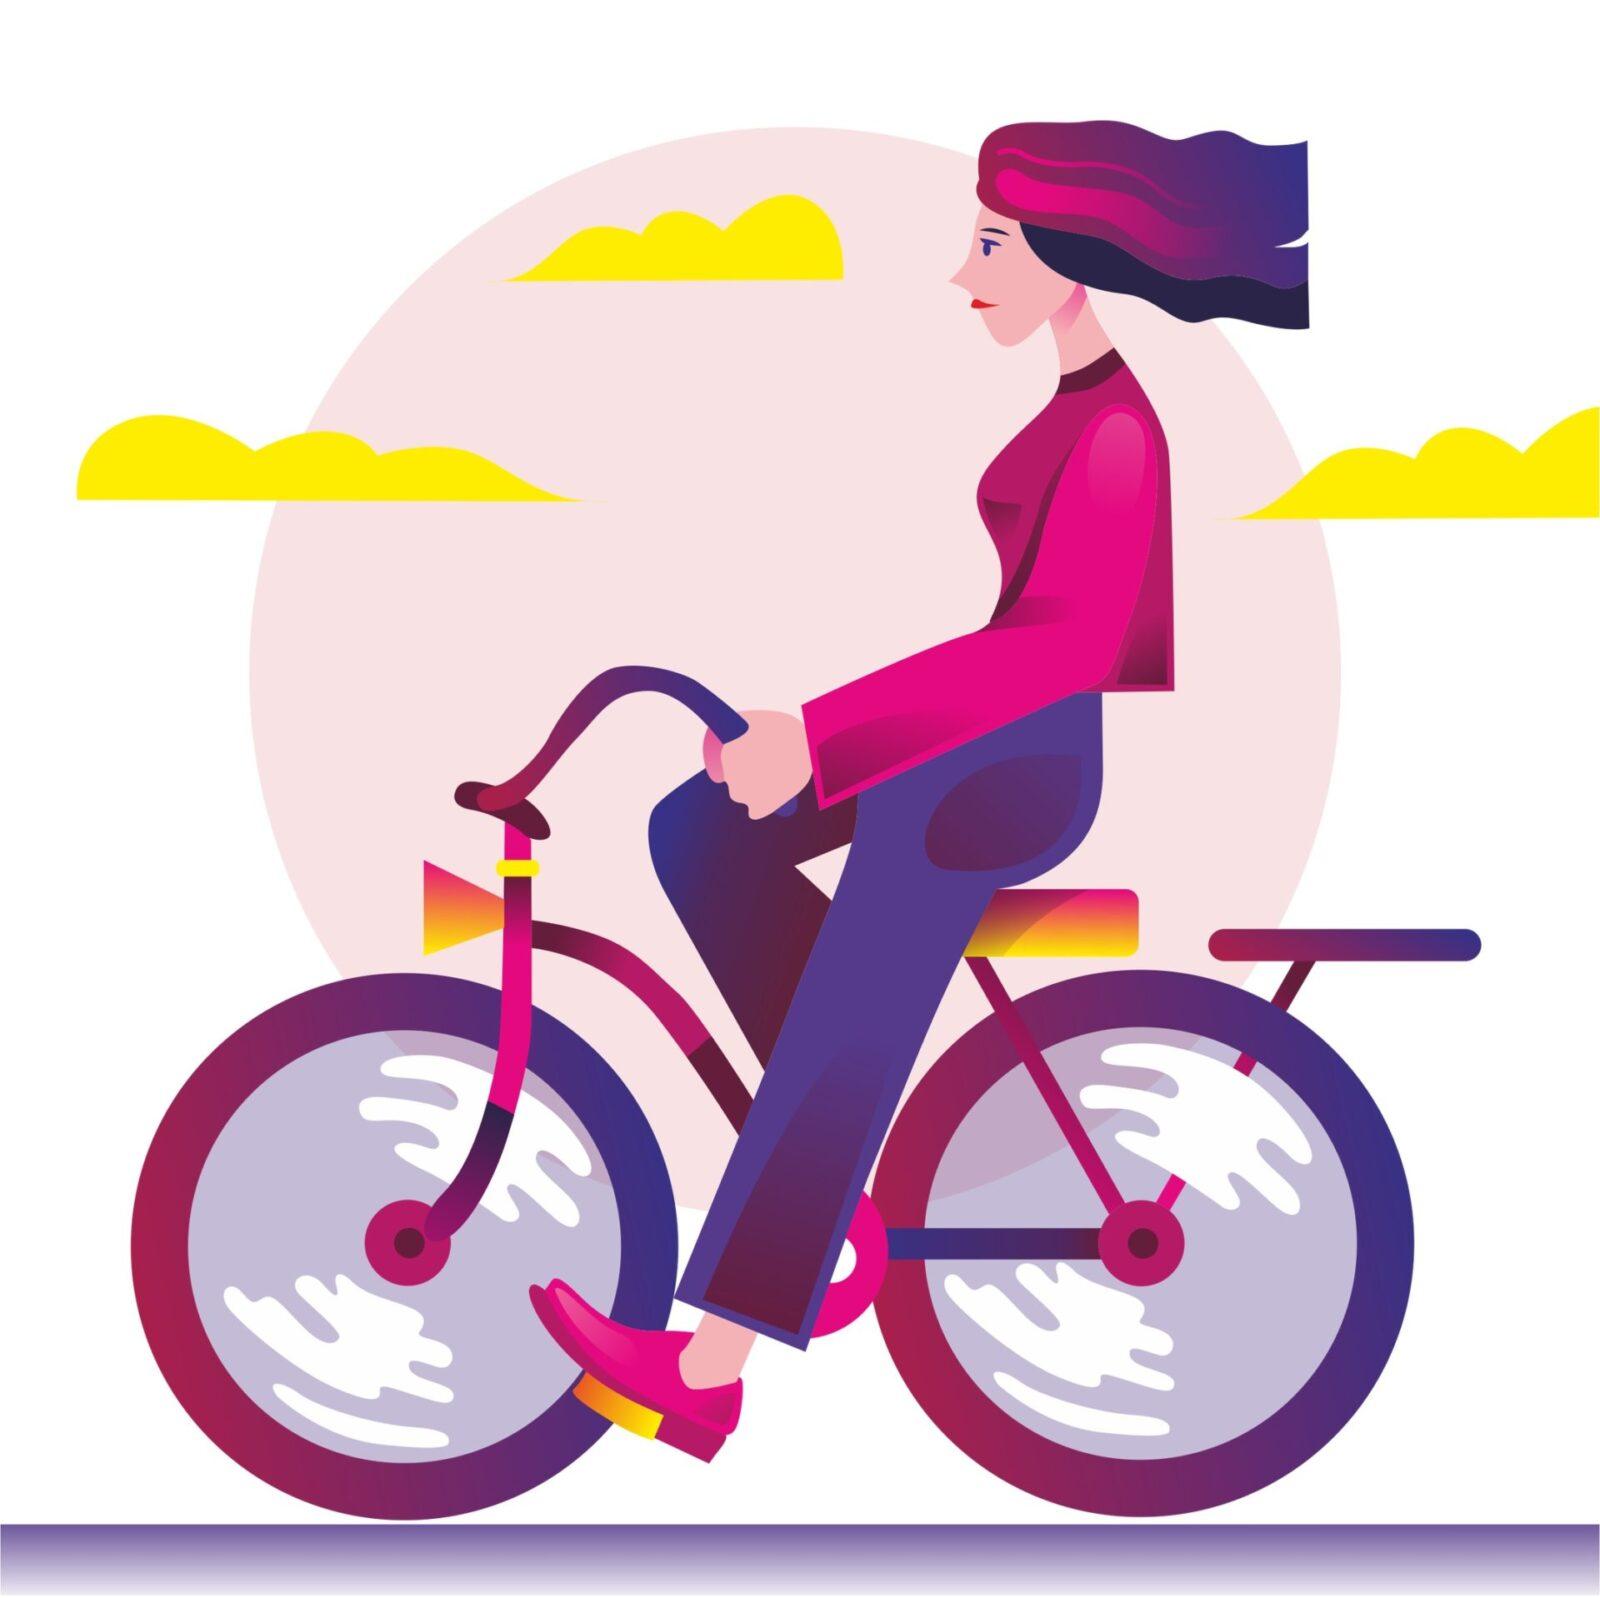 Мой путь: Пешком и на велосипеде по Твери